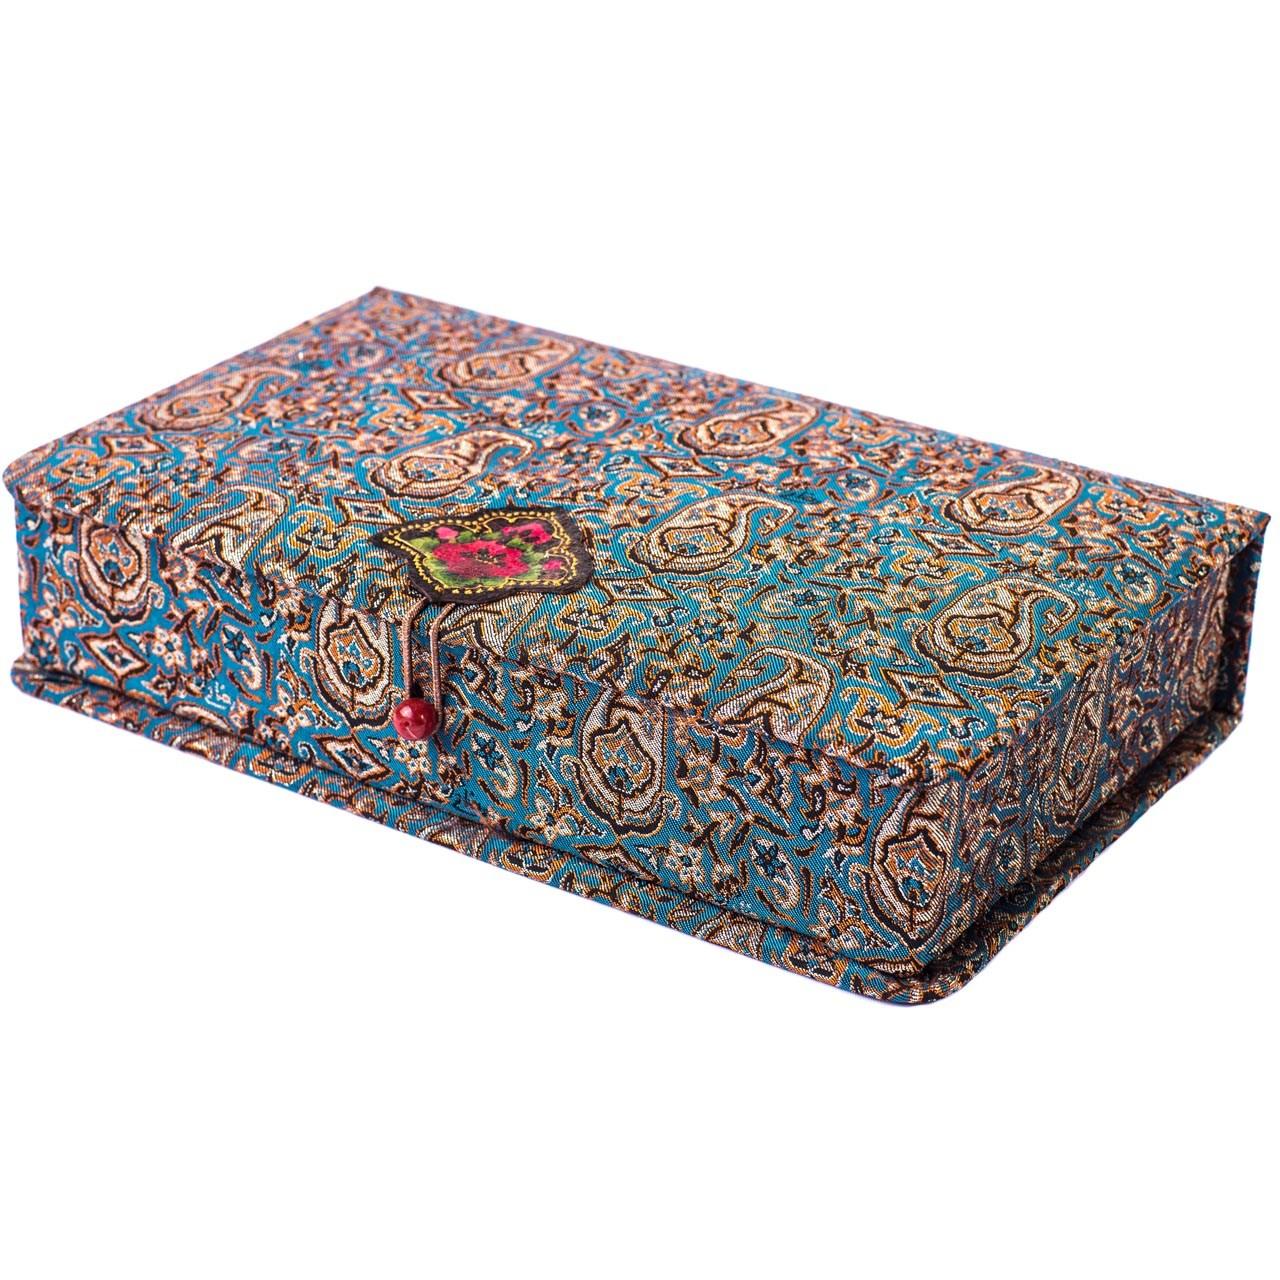 جعبه کارد و چنگال ترمه سنا مدل لوکس طرح یاس فیروزه ای